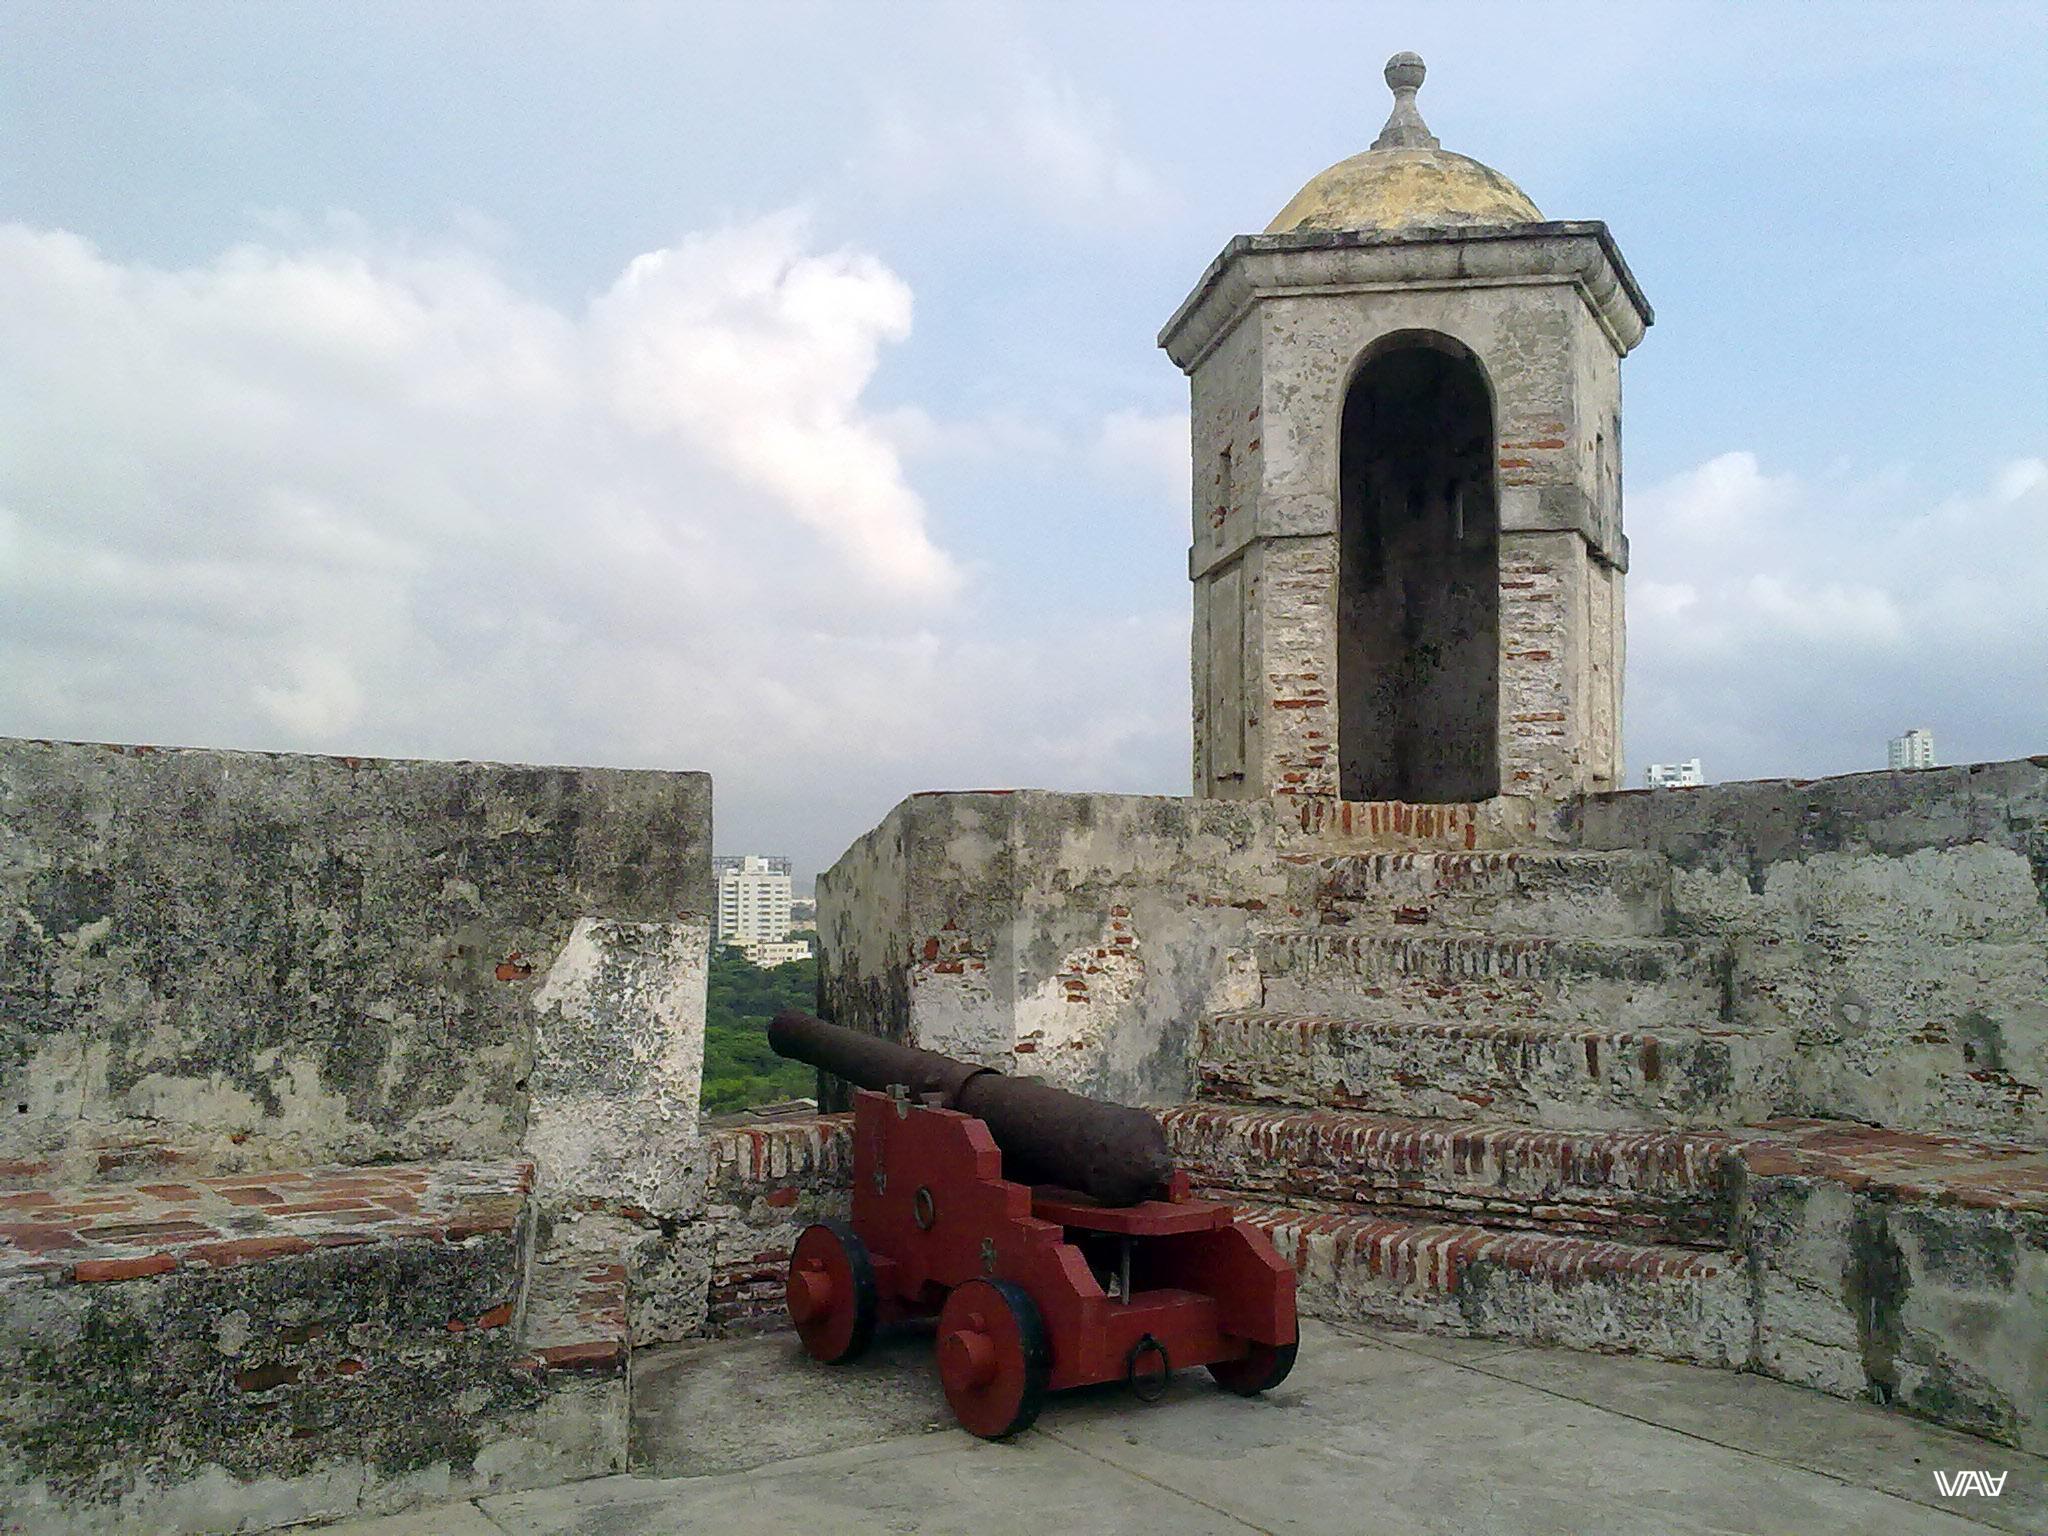 Жизнь сильно изменилась с последнего выстрела этой пушки. Сан-Фелипе-де-Барахас, Картахена, Колумбия